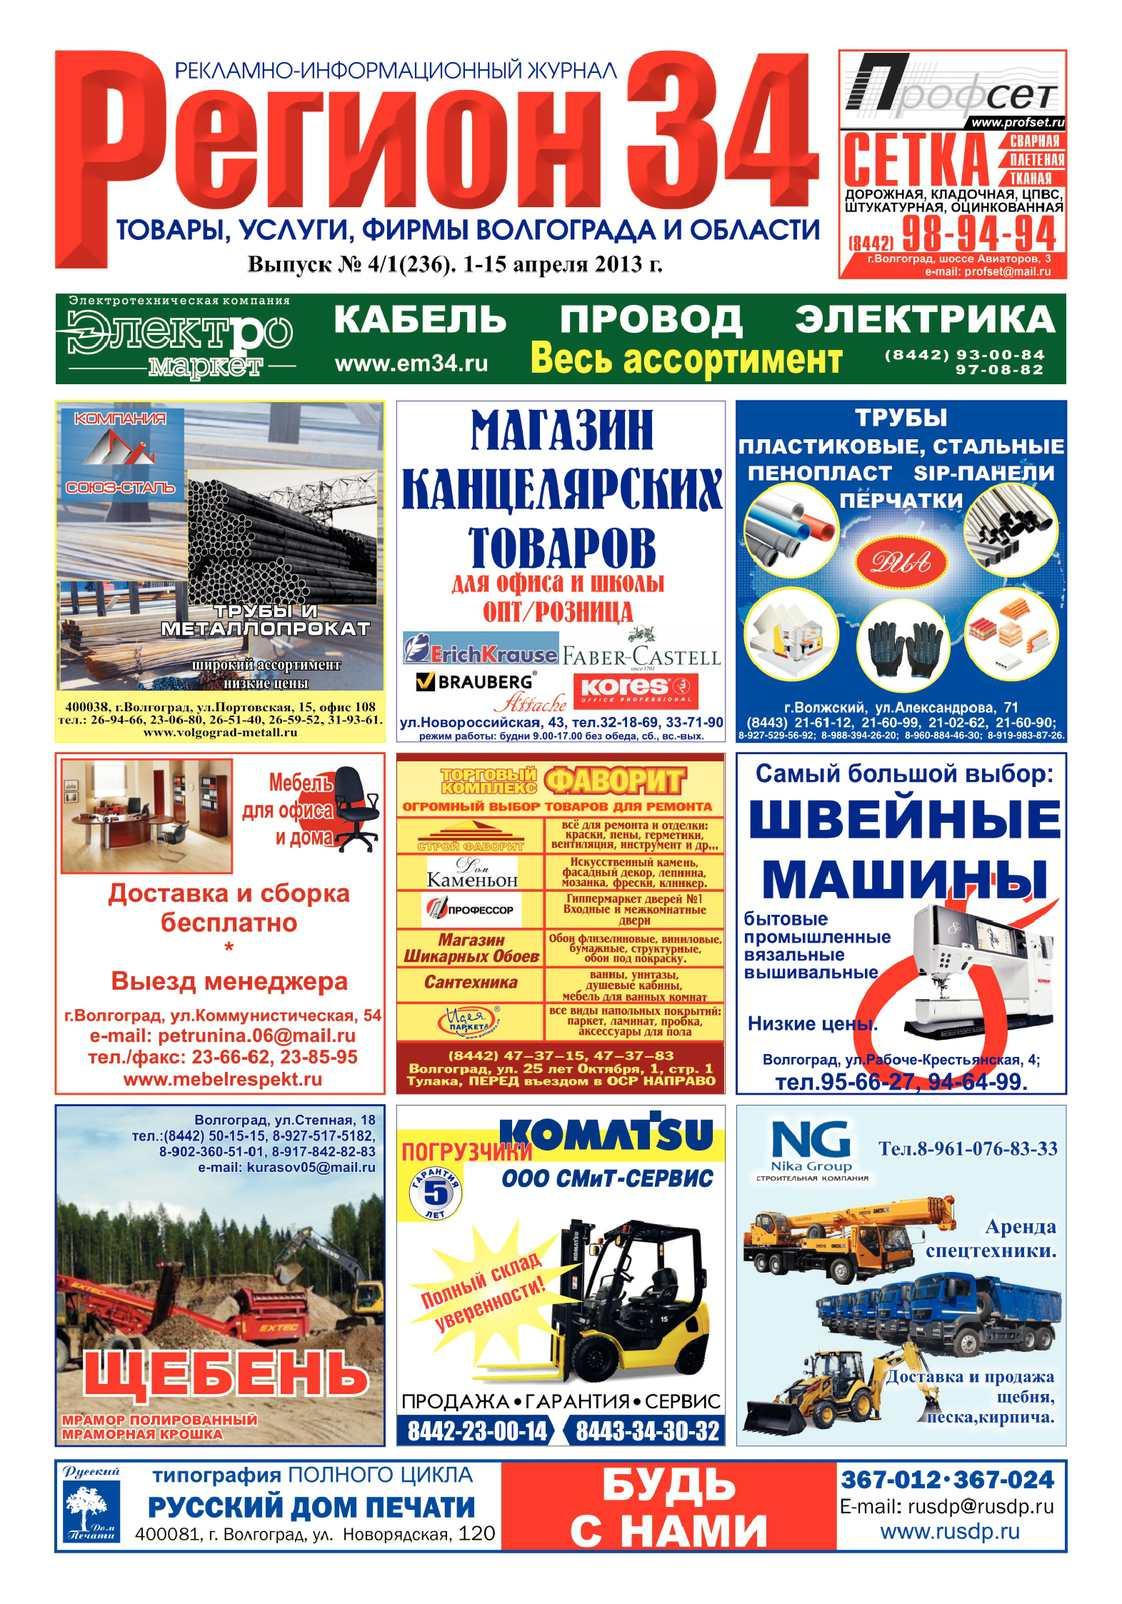 077c0f6a9d1 Calaméo - Регион34 выпуск 236 апрель(1) 2013 г